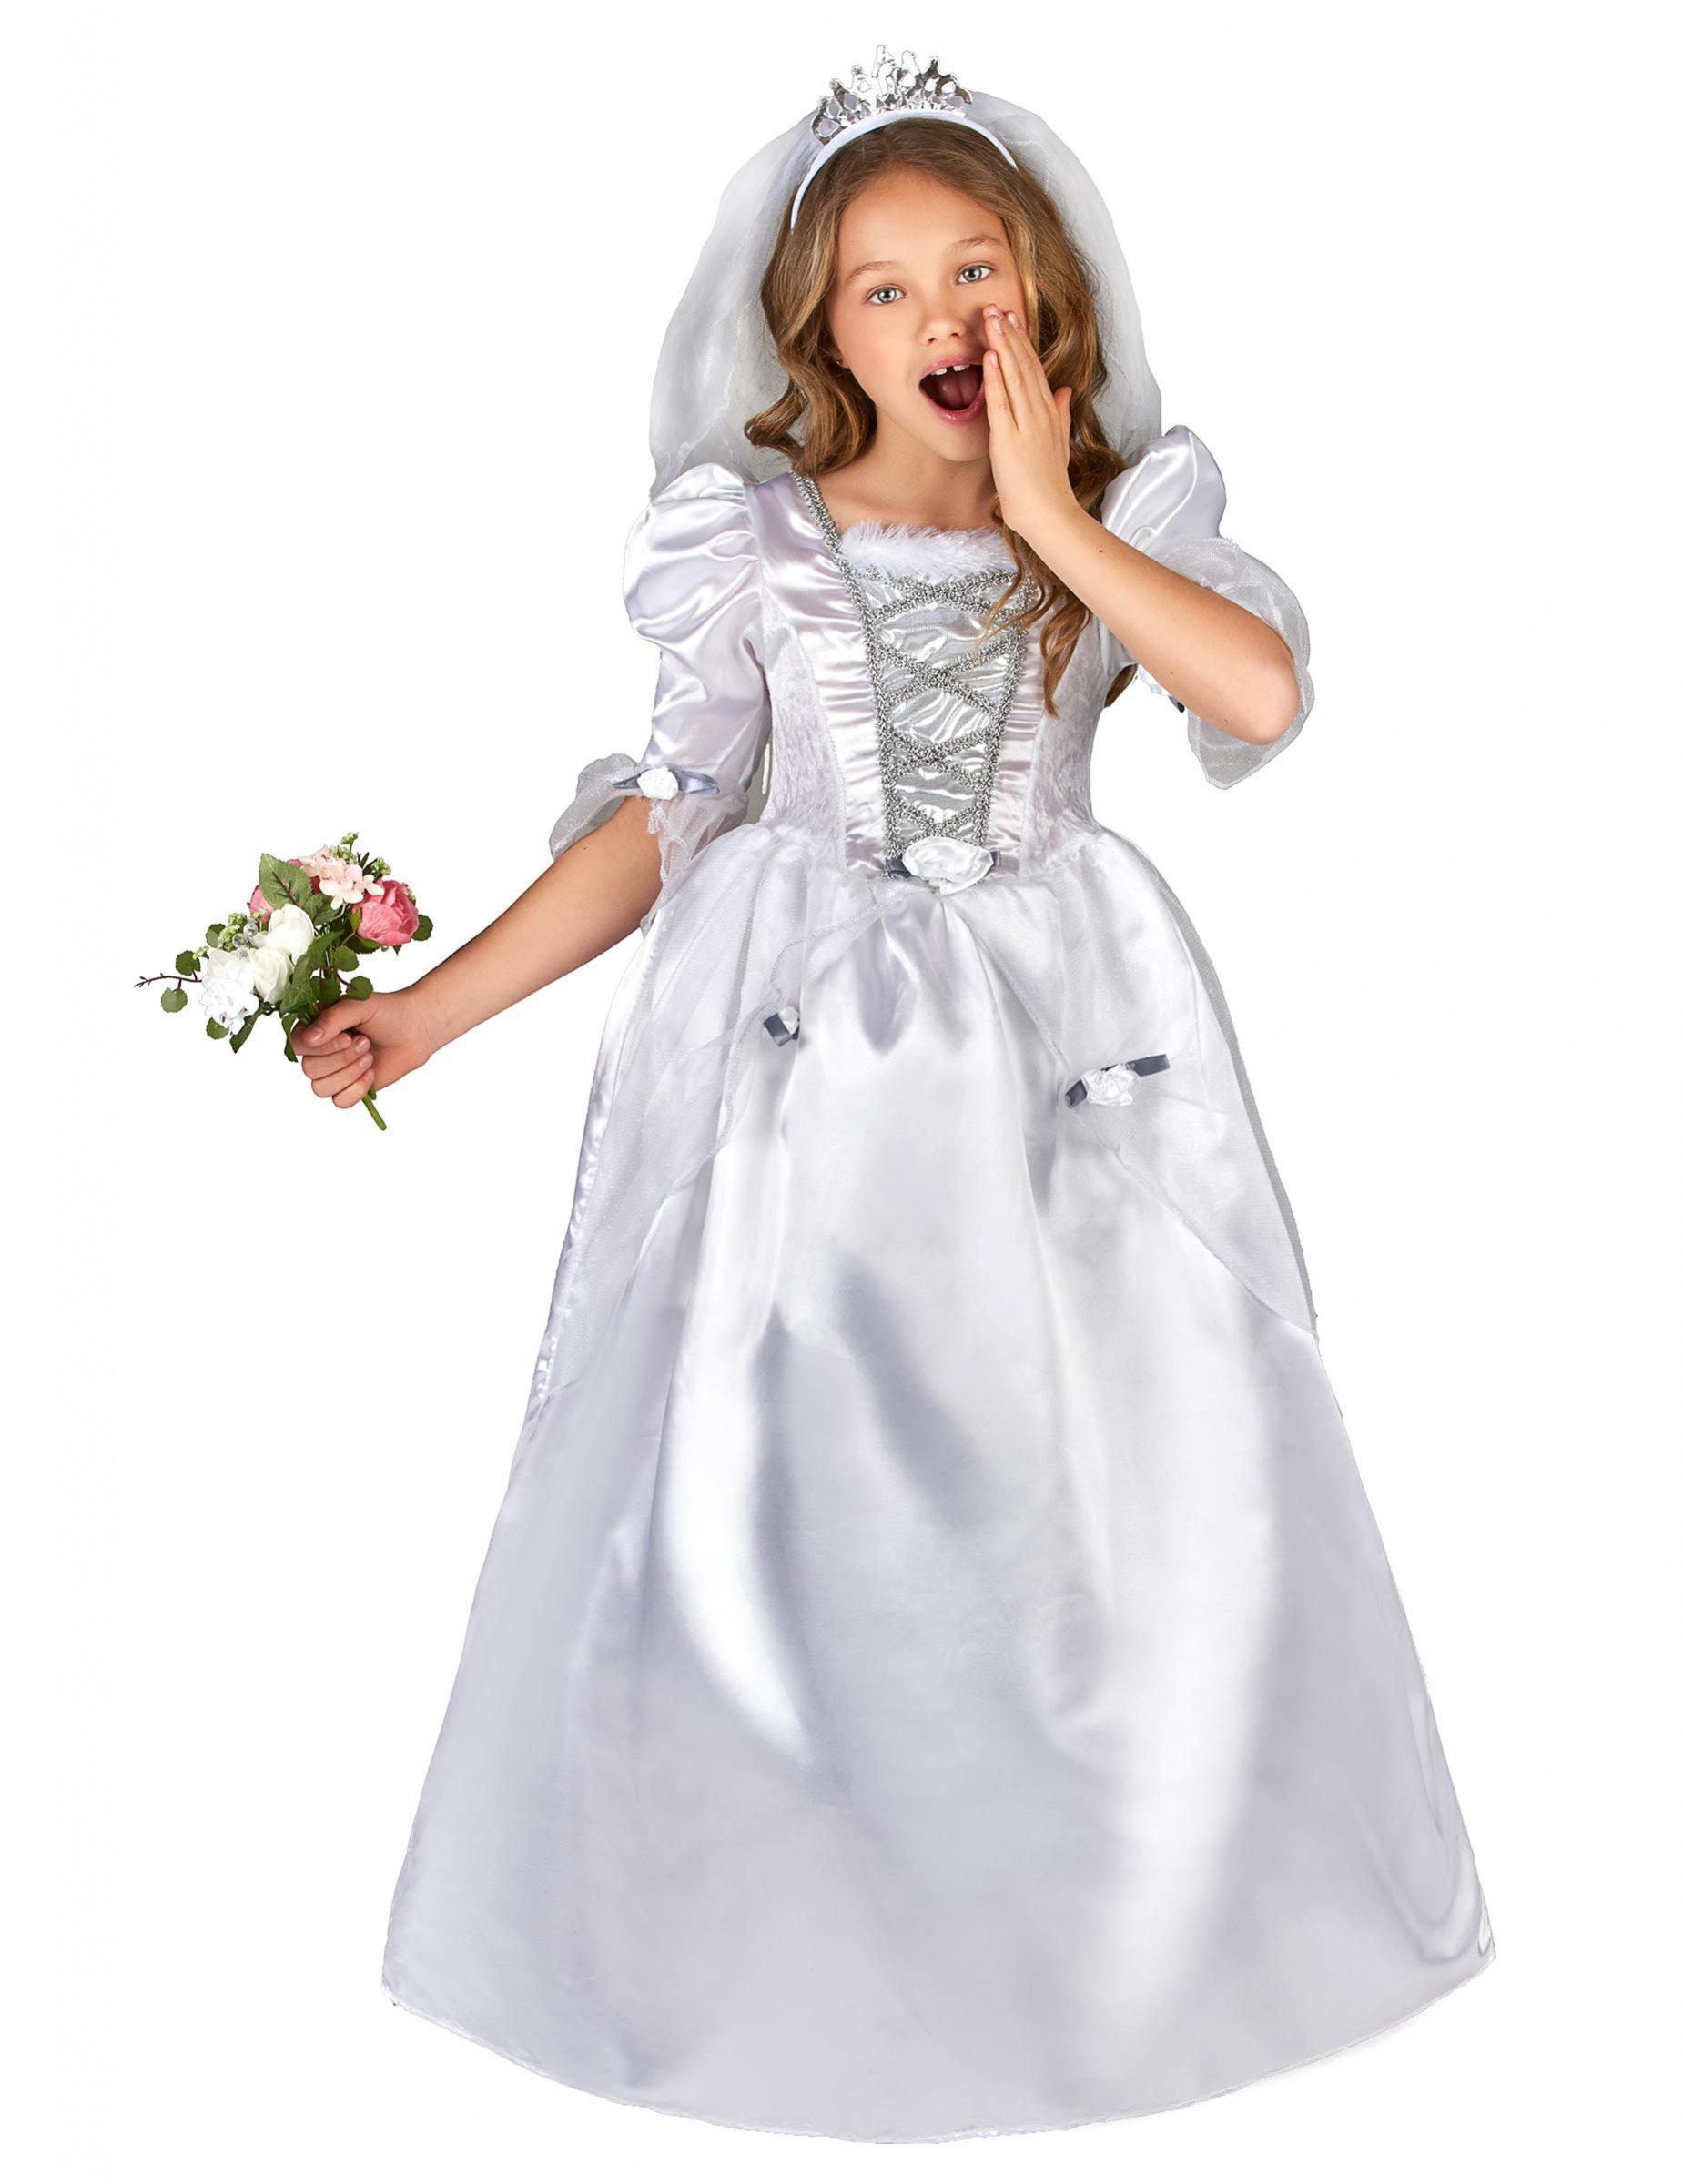 fa1677e722d2 Costume da sposa ragazza con velo